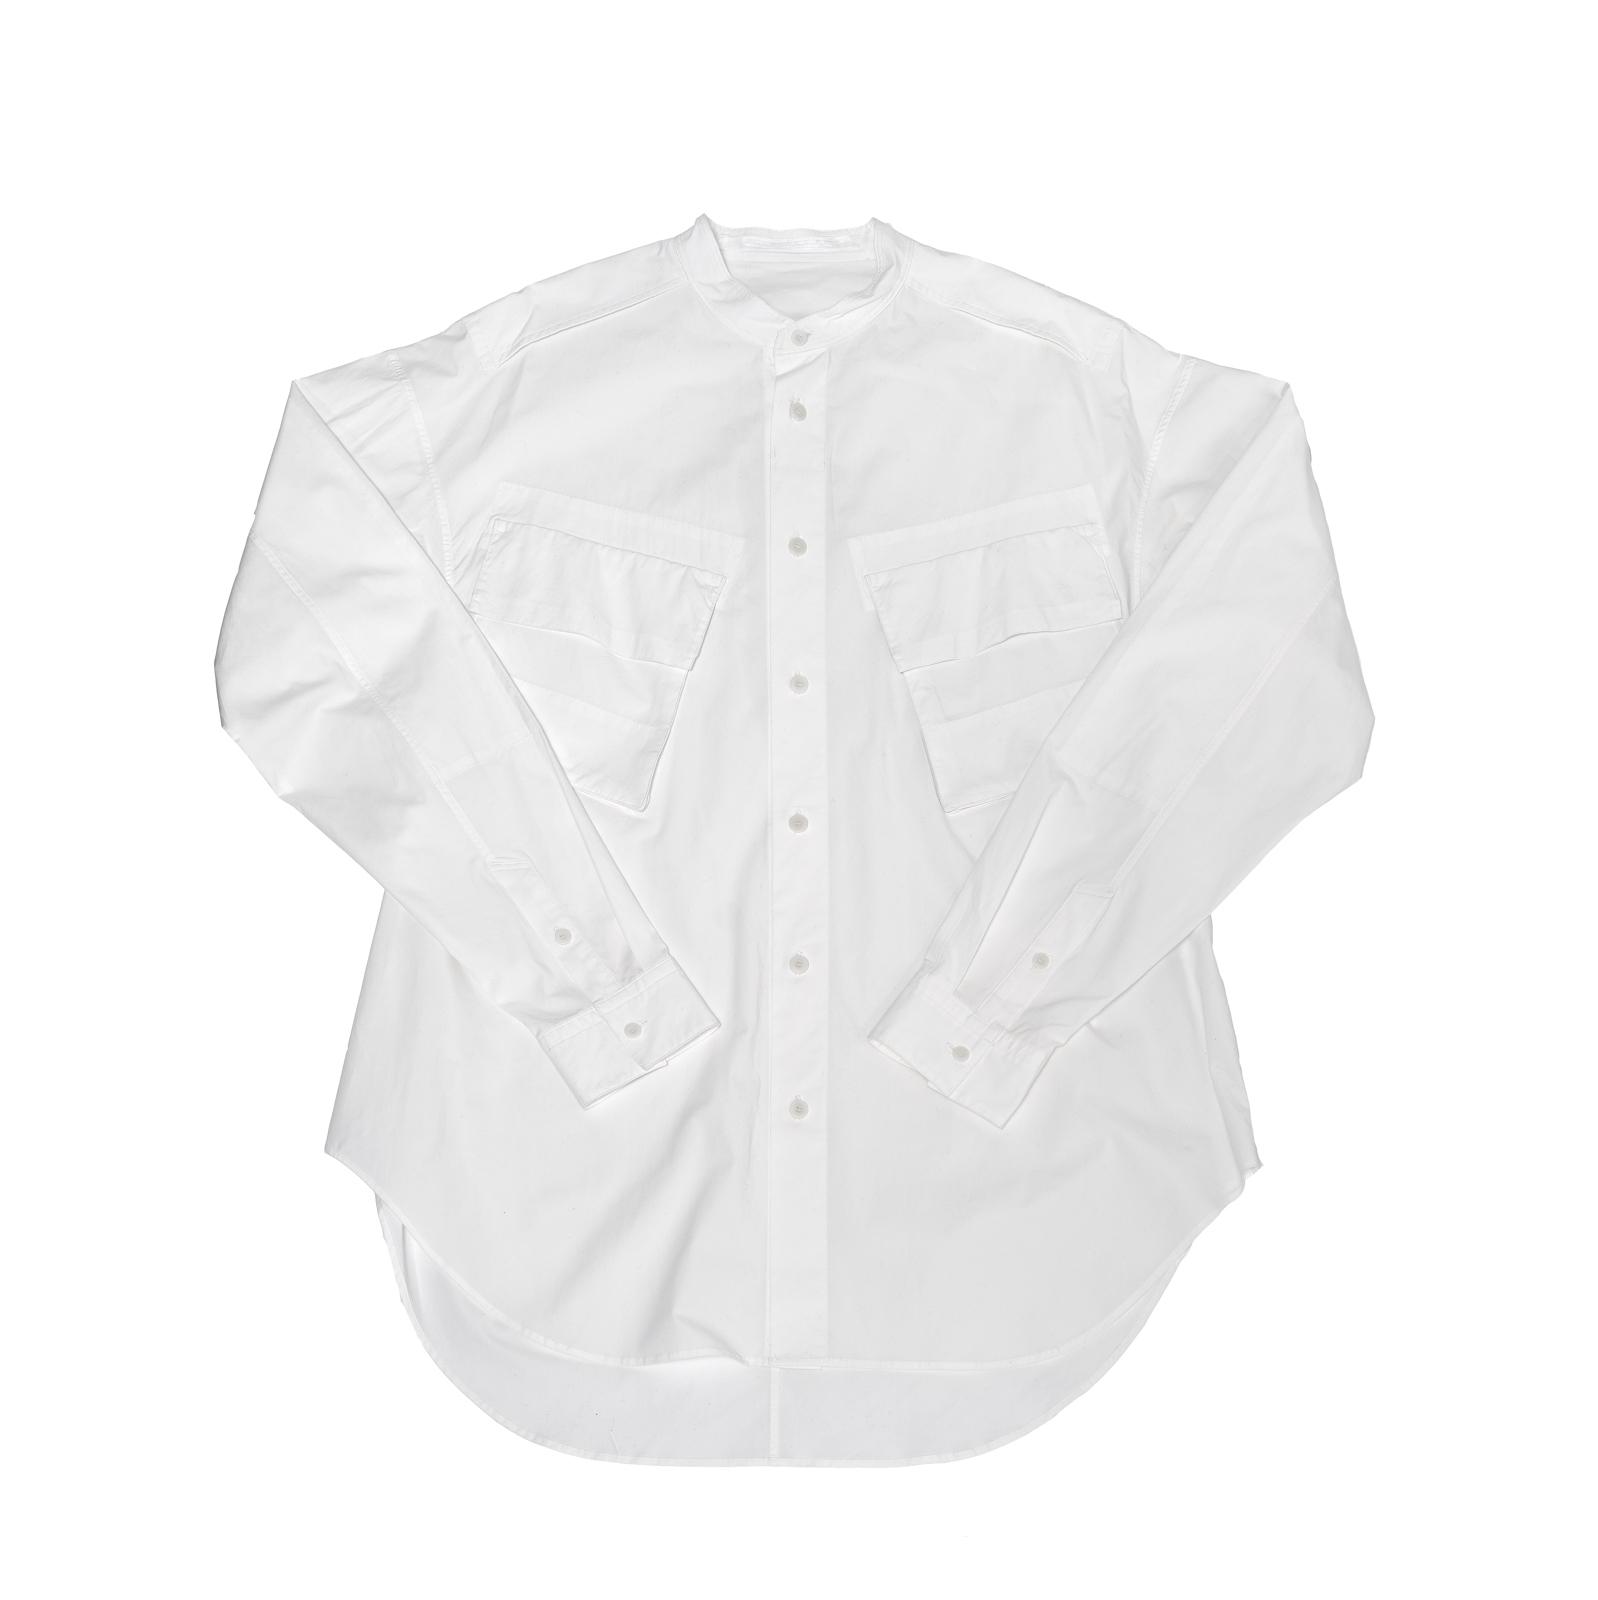 597SHM3-OFF / ミリタリーシャツ